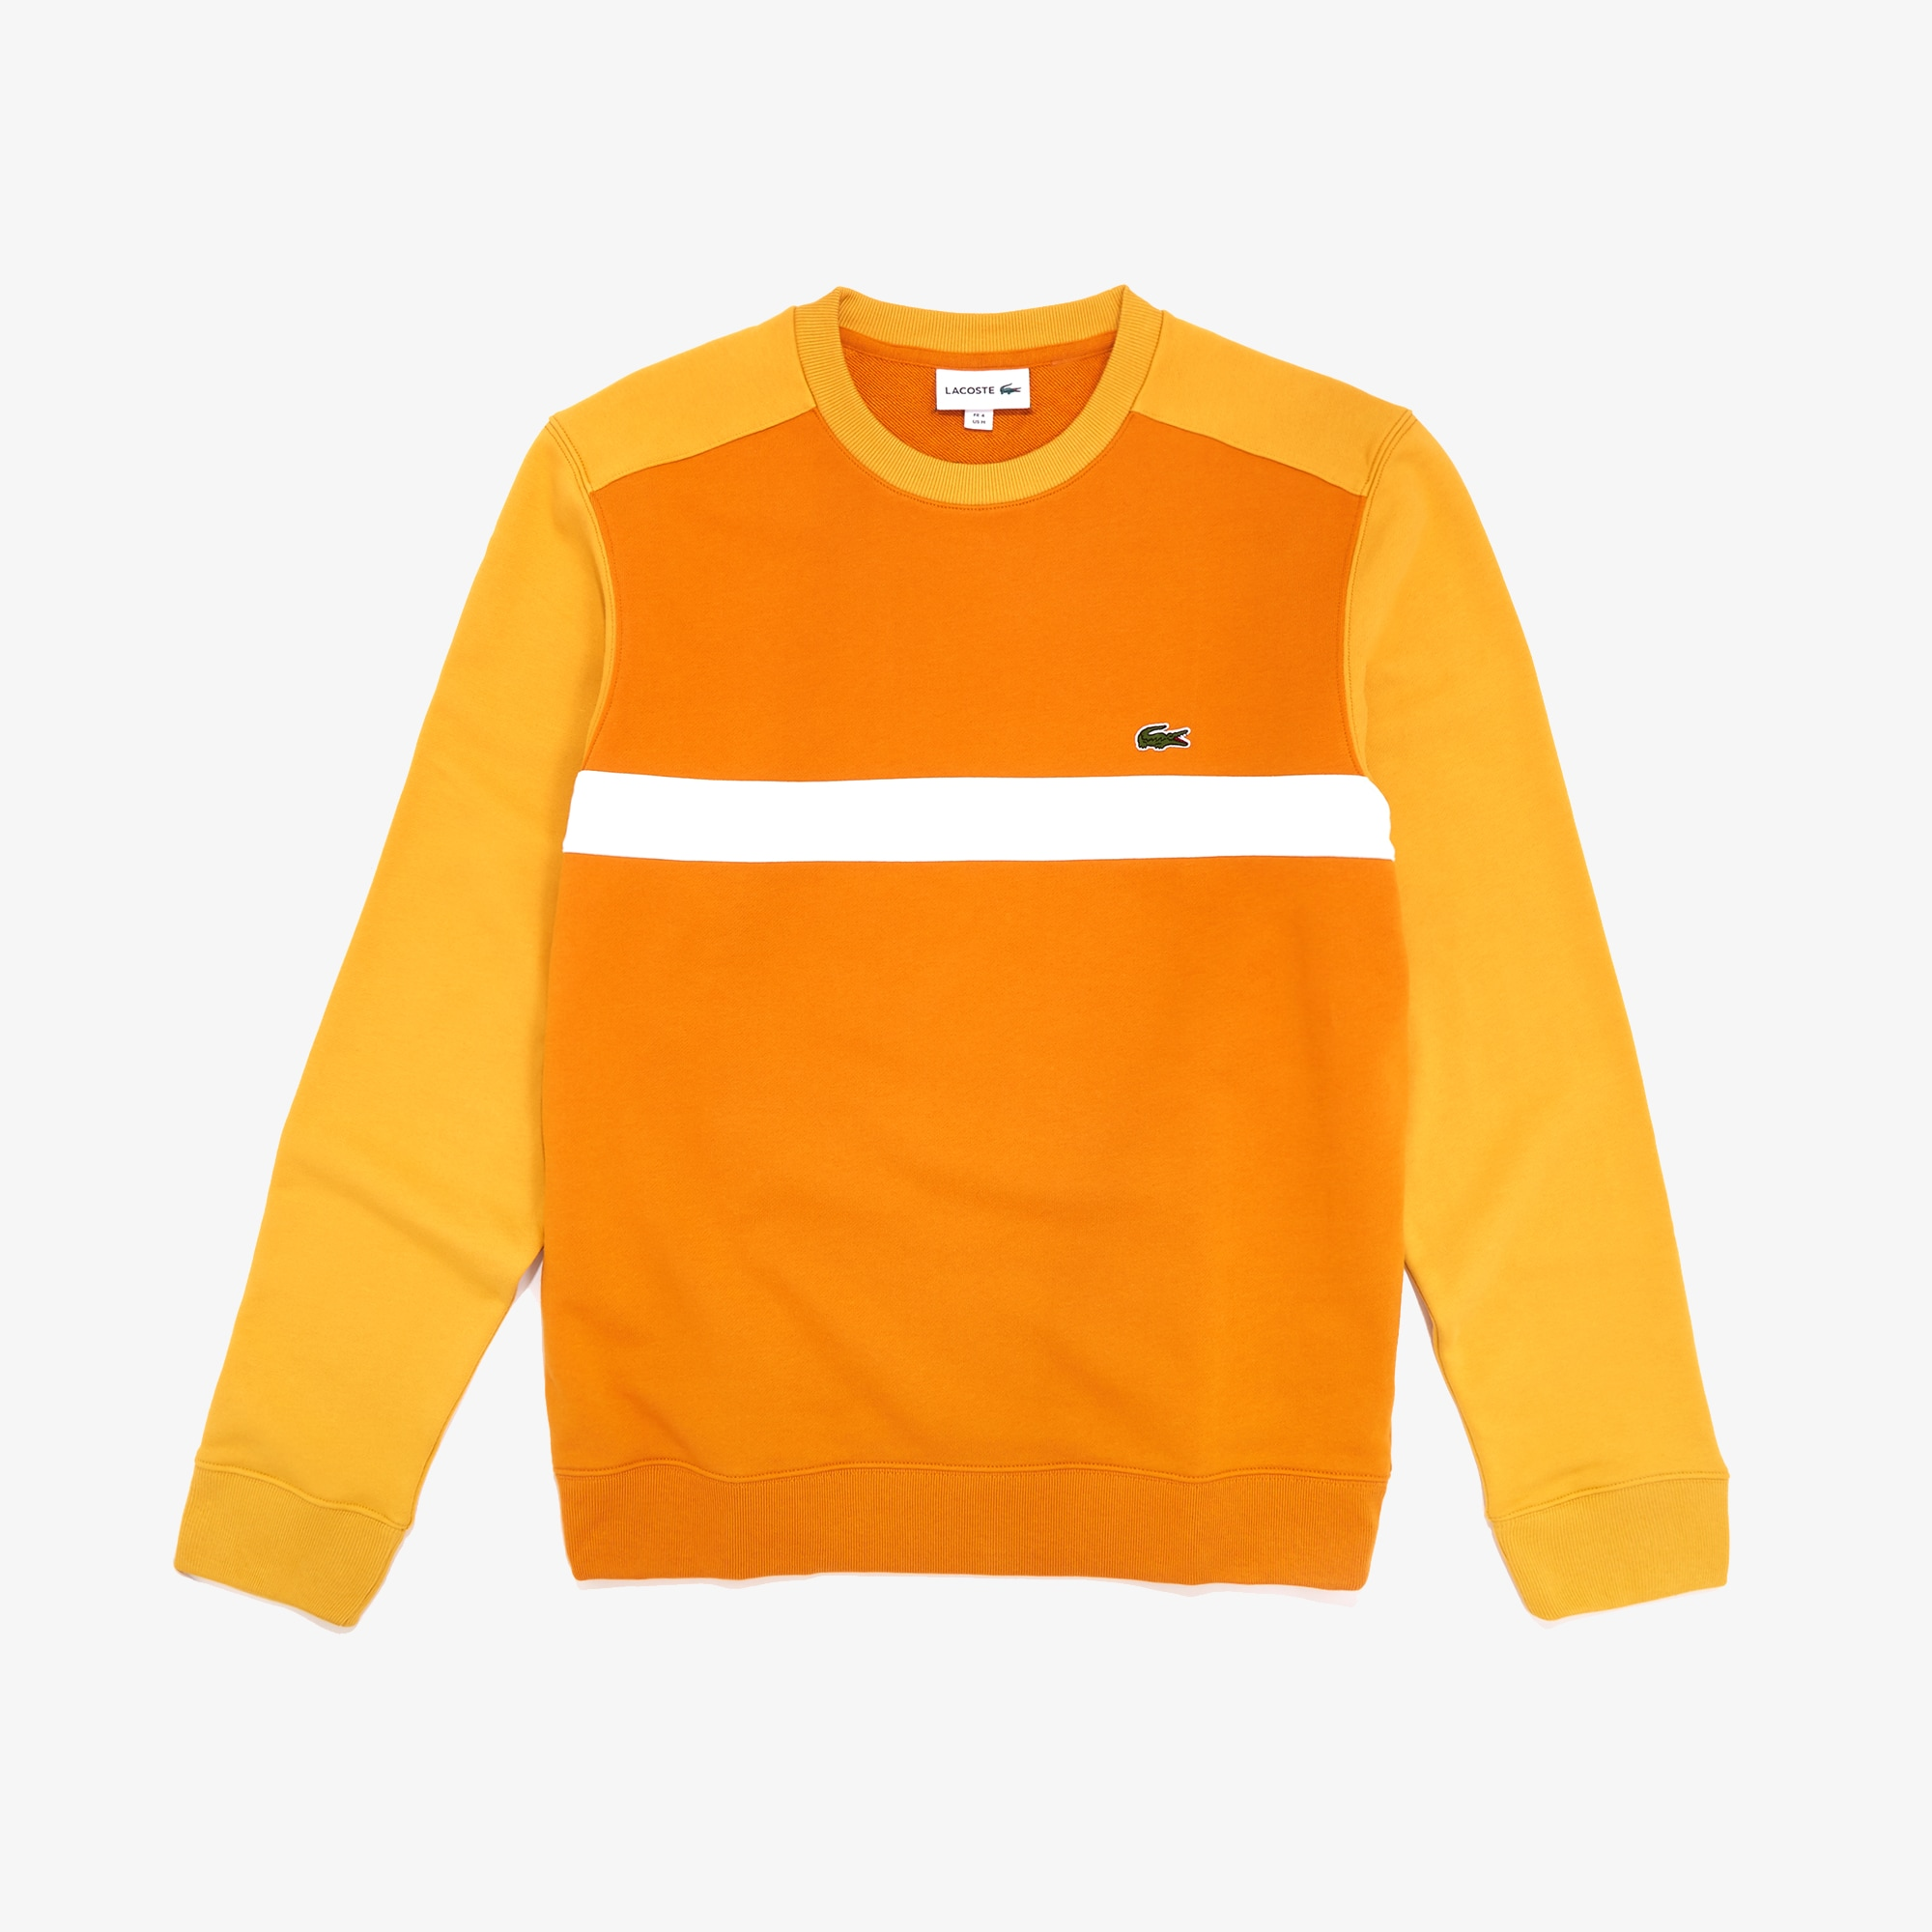 Lacoste Tops Men's Color-Block Cotton Fleece Sweatshirt